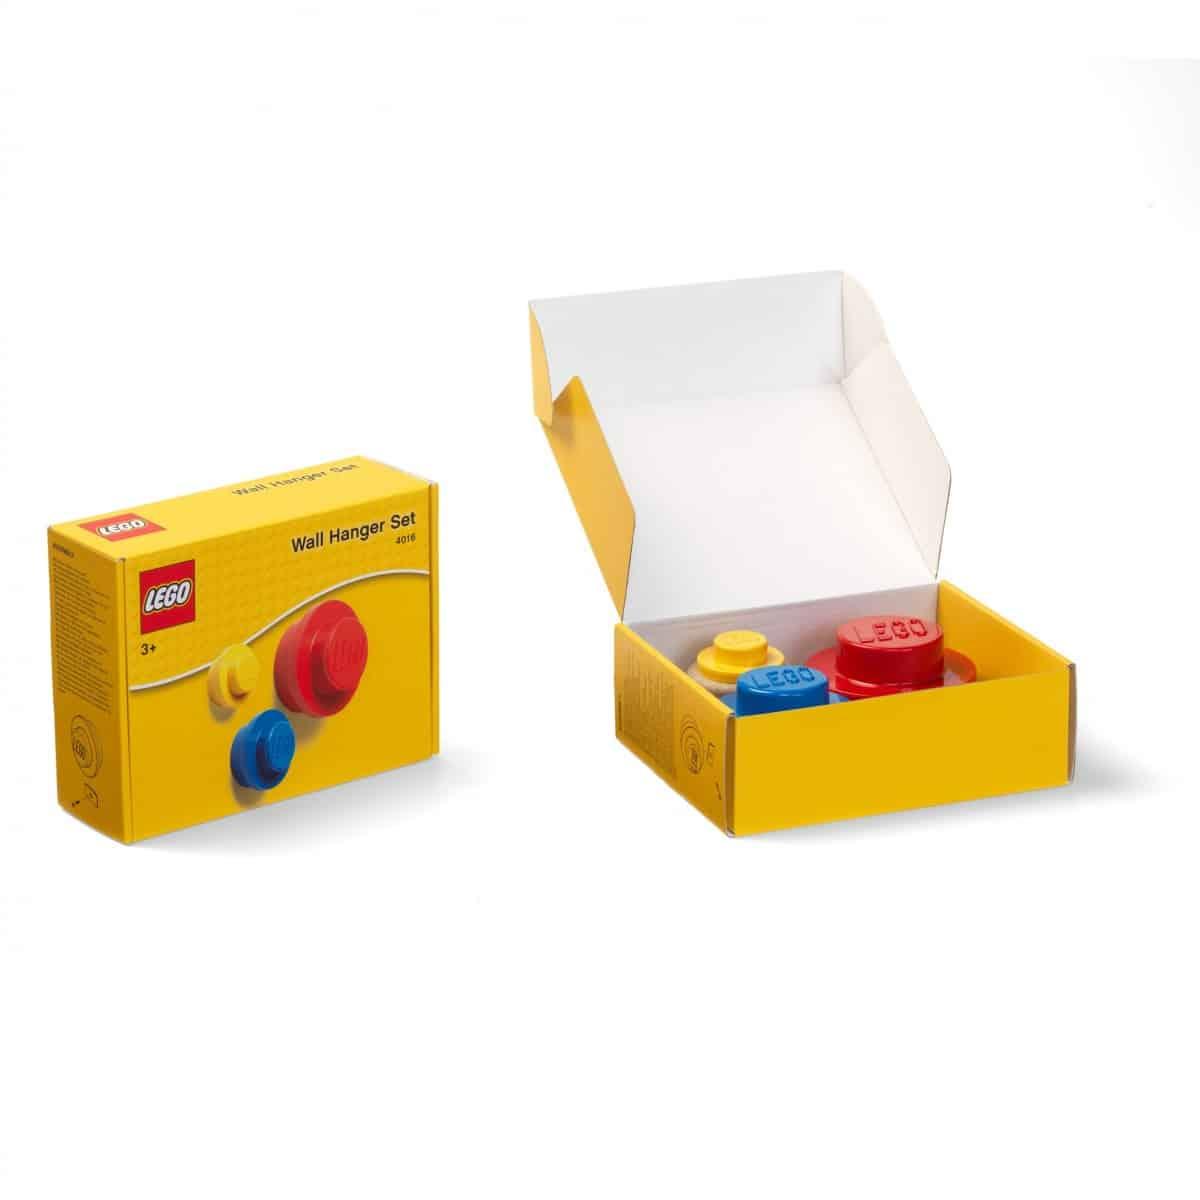 lego 5005906 lot de porte manteaux rouge bleu et jaune scaled